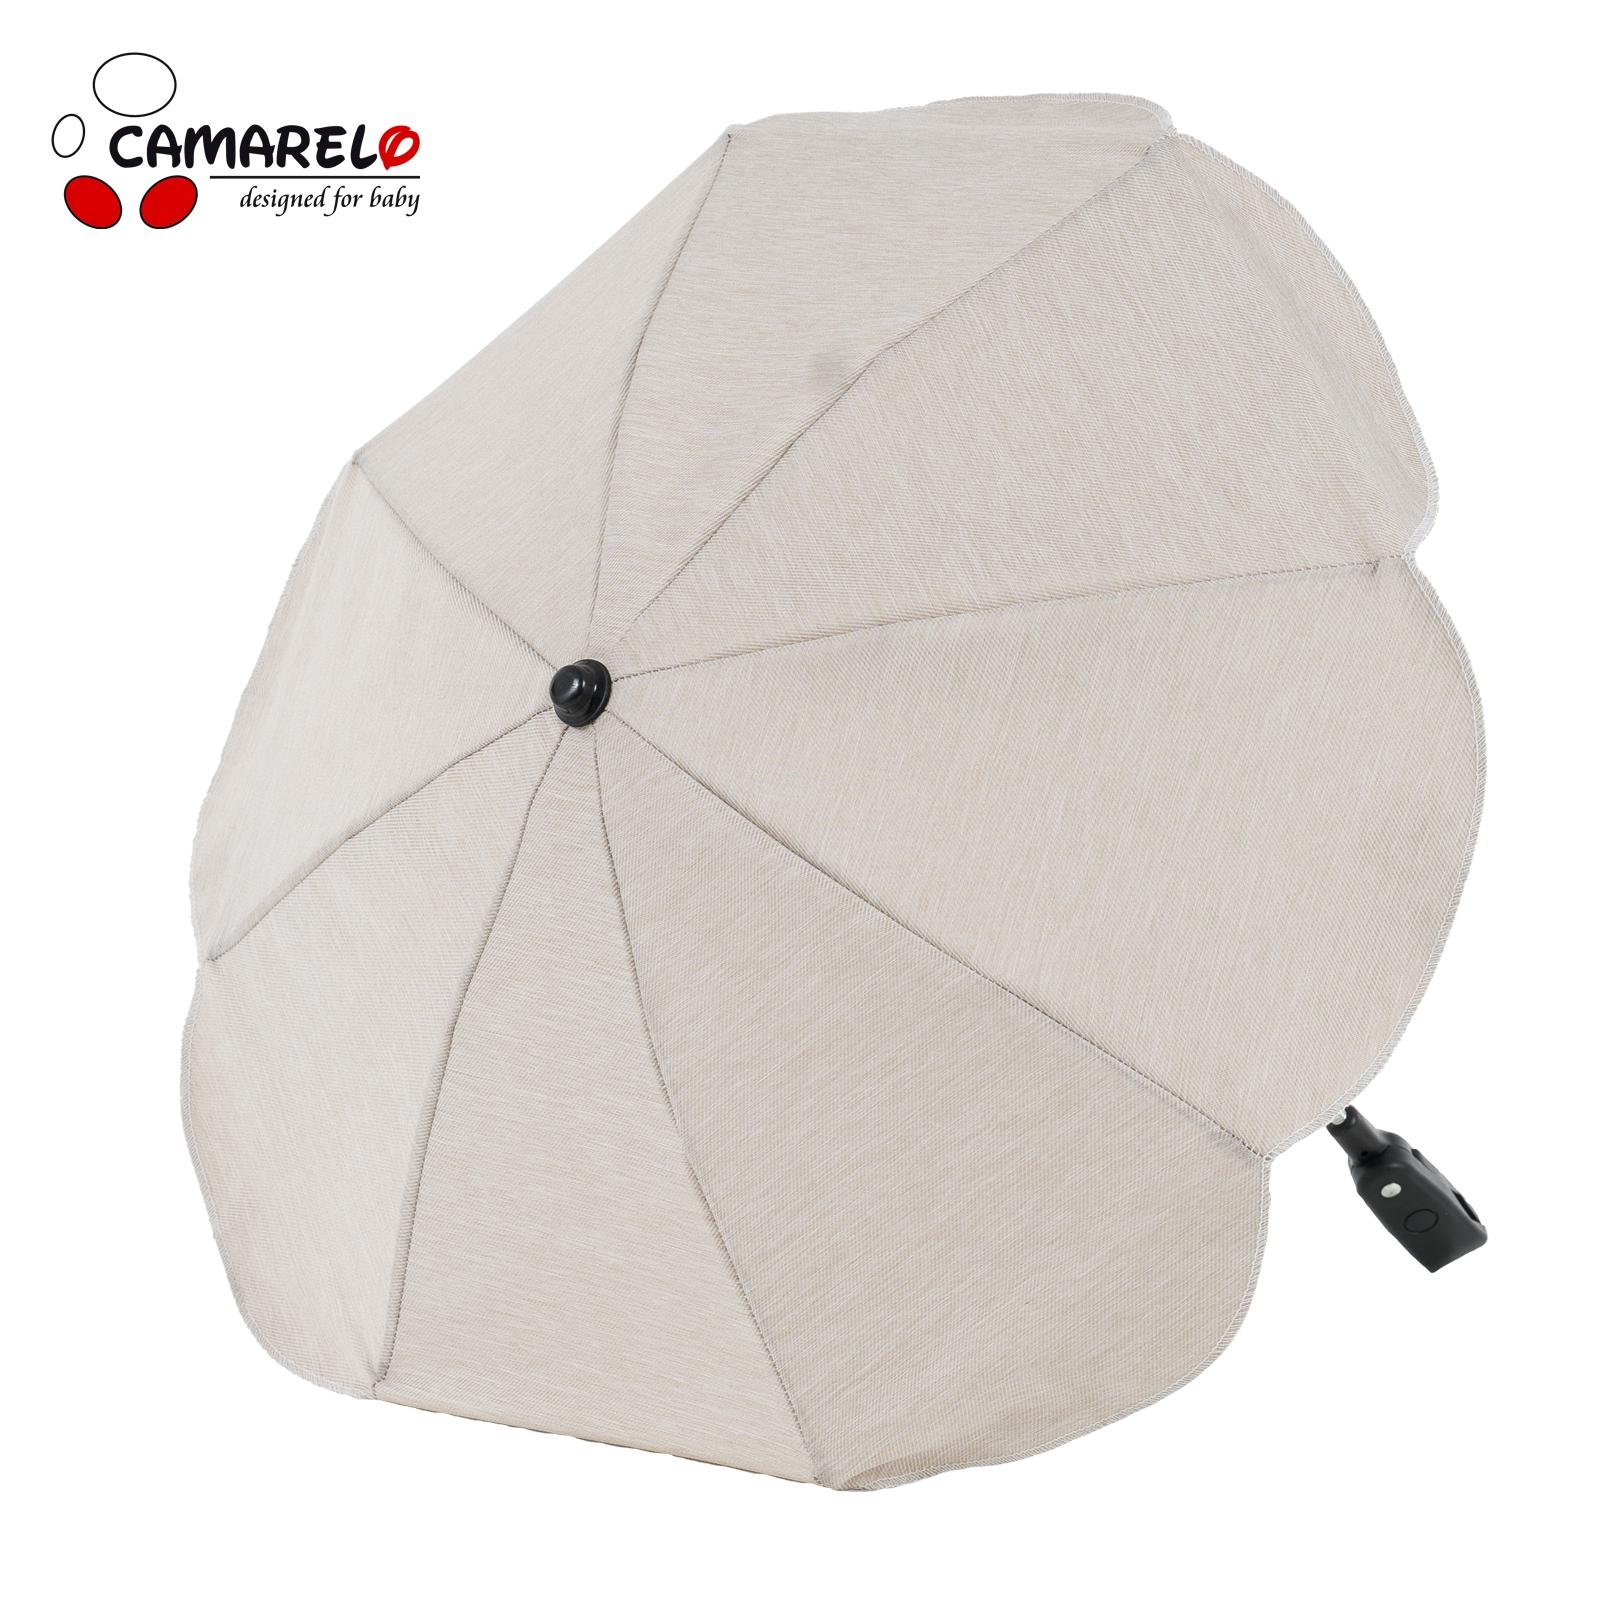 Umbrela Carucior Camarelo Bej Deschis imagine